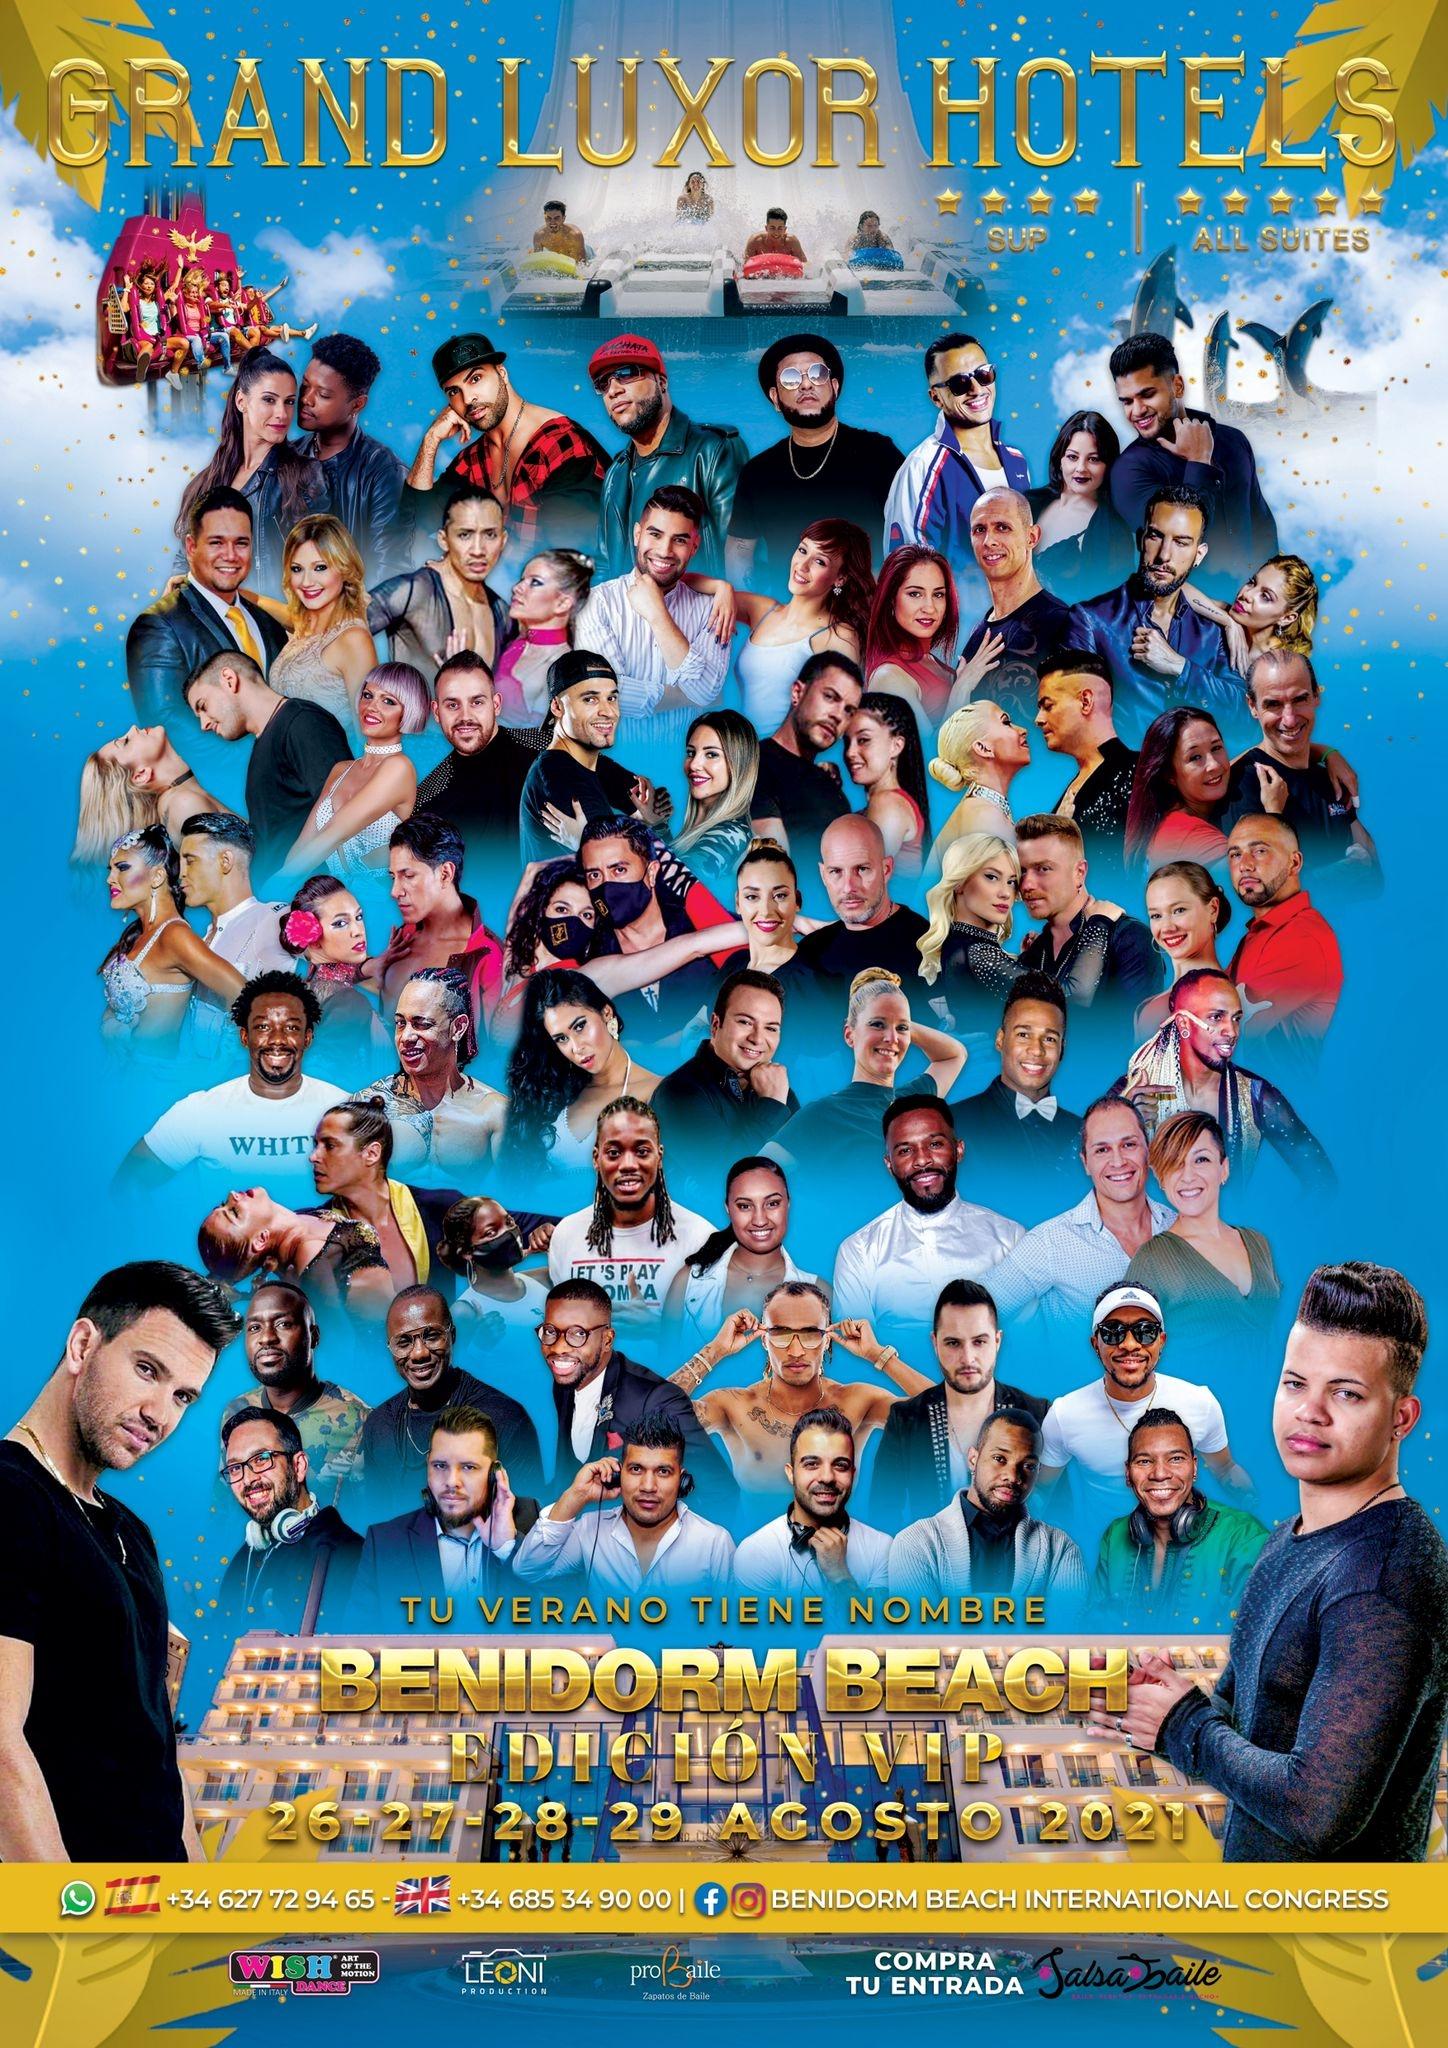 Benidorm Beach International Congress - 26-27-28-29 Agosto 2021